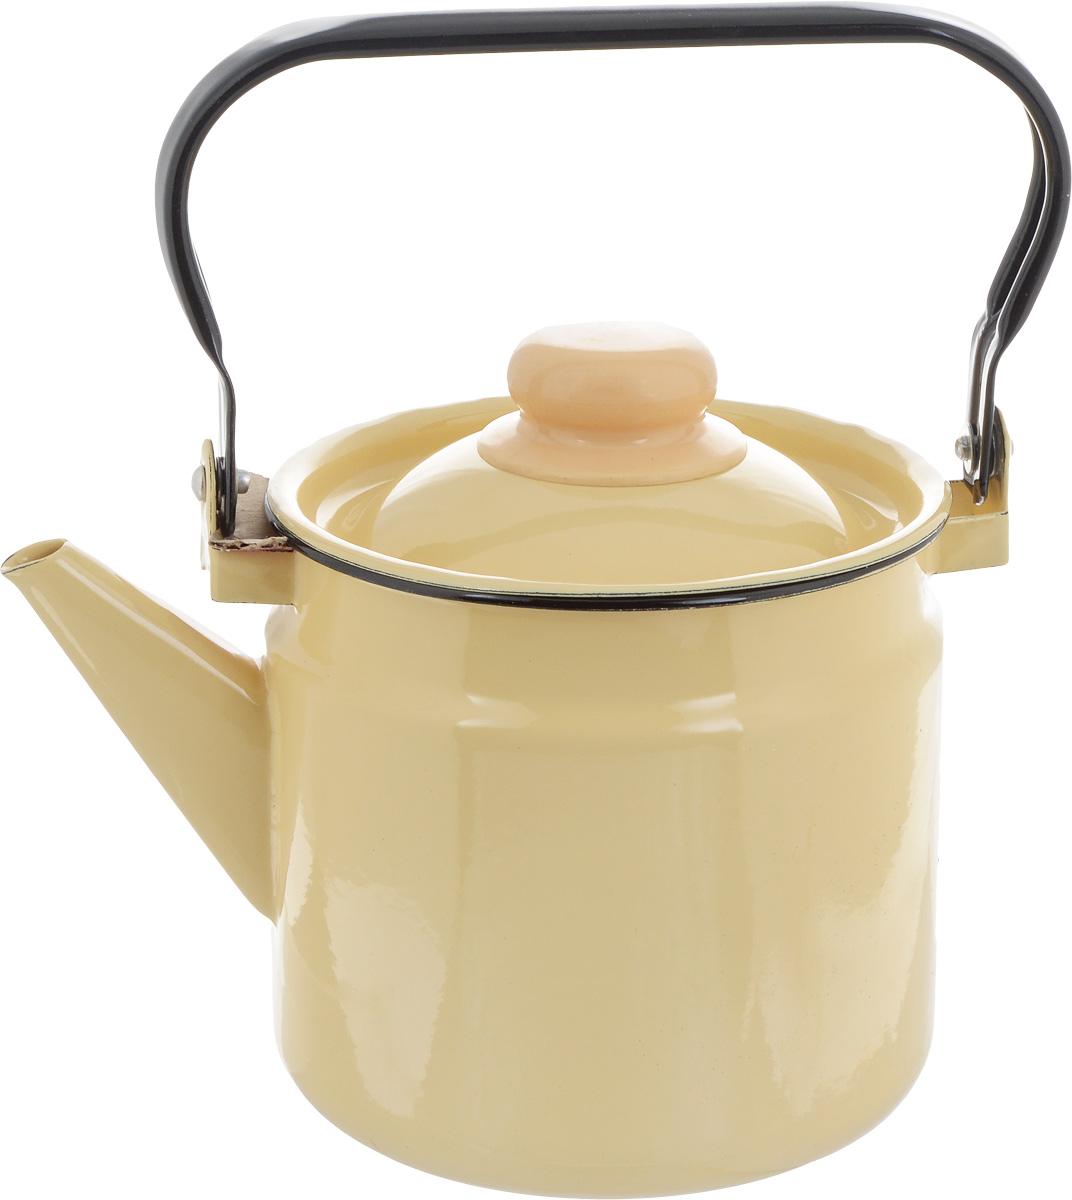 """Чайник """"СтальЭмаль"""" выполнен из высококачественного стального проката, покрытого двумя слоями жаропрочной эмали. Такое покрытие защищает сталь от коррозии, придает посуде гладкую стекловидную поверхность и надежно защищает от кислот и щелочей. Чайник оснащен подвижной стальной ручкой и крышкой. Внешние стенки дополнены нежным цветочным узором. Эстетичный и функциональный чайник будет оригинально смотреться в любом интерьере. Подходит для газовых, электрических, стеклокерамических, индукционных плит. Можно мыть в посудомоечной машине. Диаметр (по верхнему краю): 15 см.Высота чайника (без учета ручки и крышки): 14,5 см."""